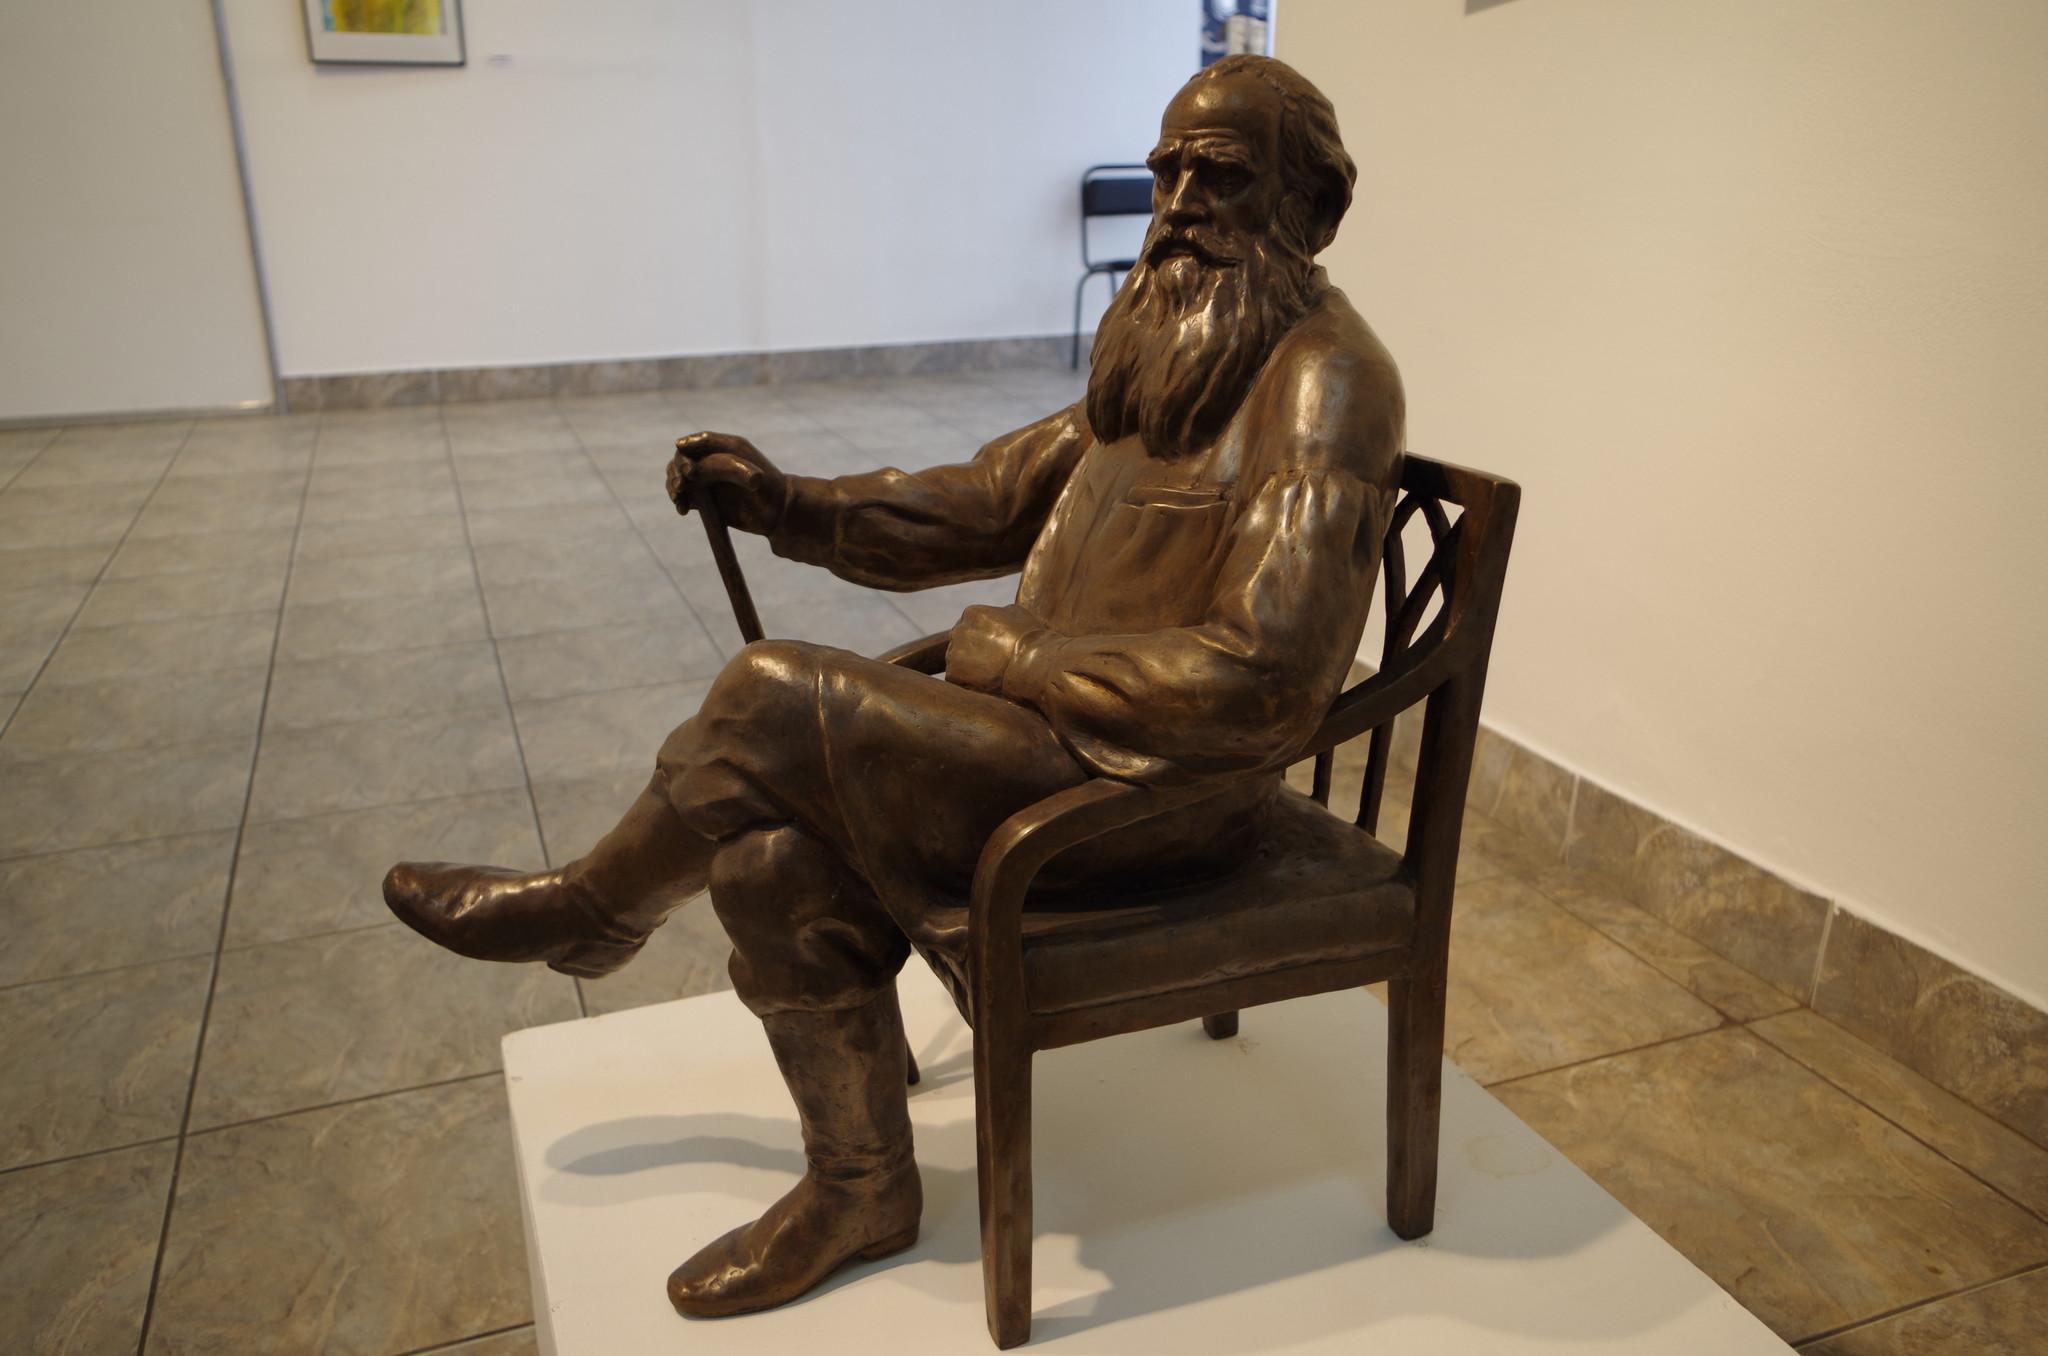 Лев Николаевич Толстой. Николай Быстров, бронза, 2014